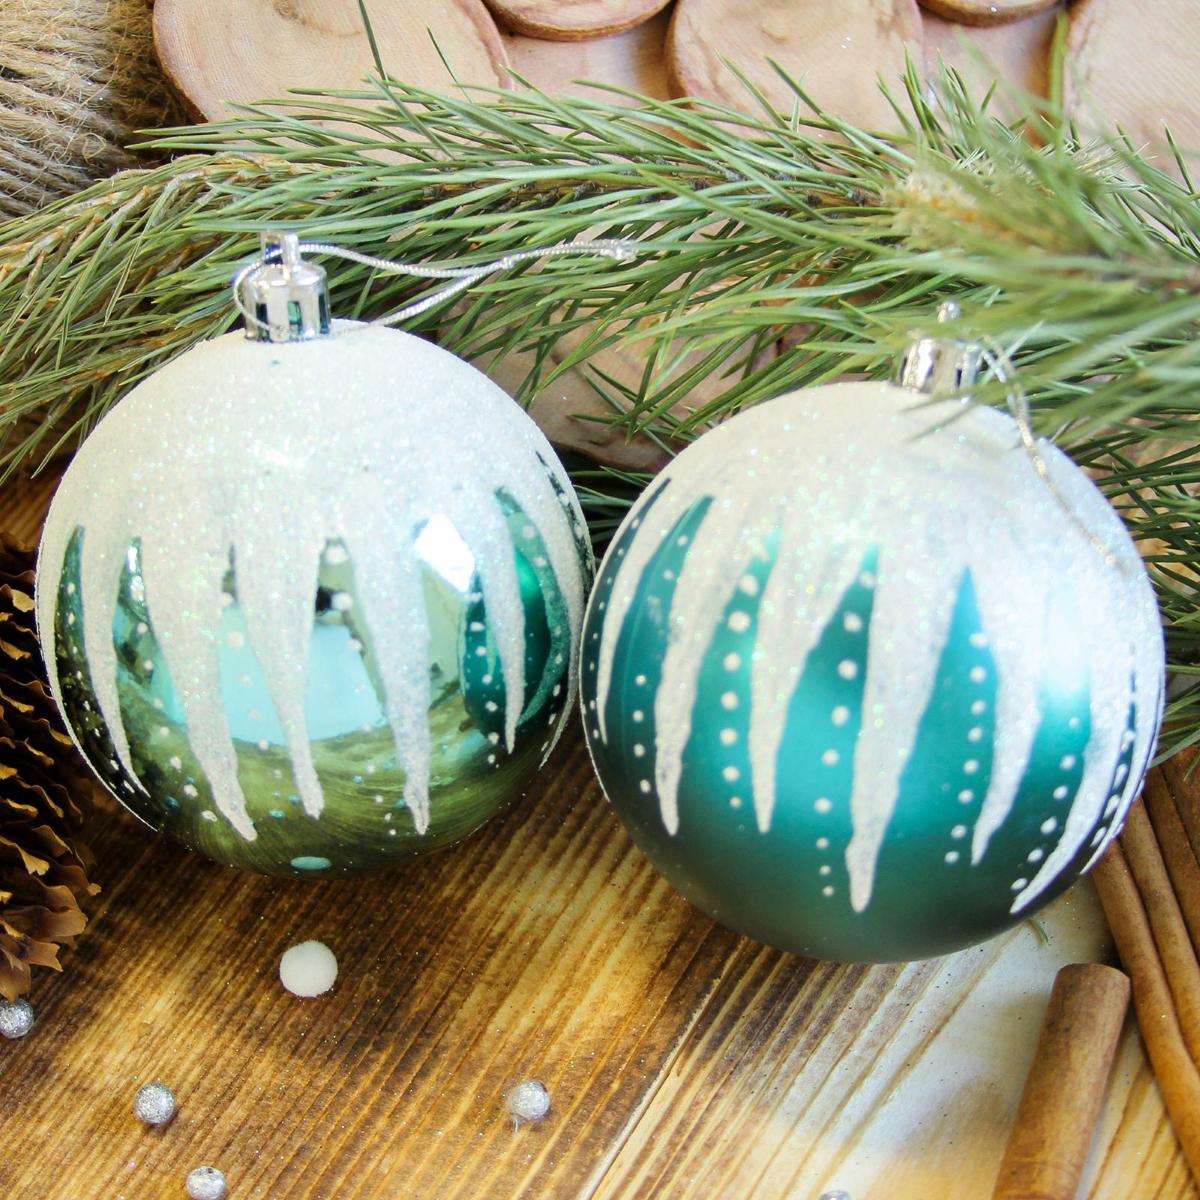 Набор новогодних подвесных украшений Sima-land Иней, диаметр 8 см, 6 шт. 21229752122975Набор новогодних подвесных украшений Sima-land отлично подойдет для декорации вашего дома и новогодней ели. С помощью специальной петельки украшение можно повесить в любом понравившемся вам месте. Но, конечно, удачнее всего оно будет смотреться на праздничной елке. Елочная игрушка - символ Нового года. Она несет в себе волшебство и красоту праздника. Создайте в своем доме атмосферу веселья и радости, украшая новогоднюю елку нарядными игрушками, которые будут из года в год накапливать теплоту воспоминаний.